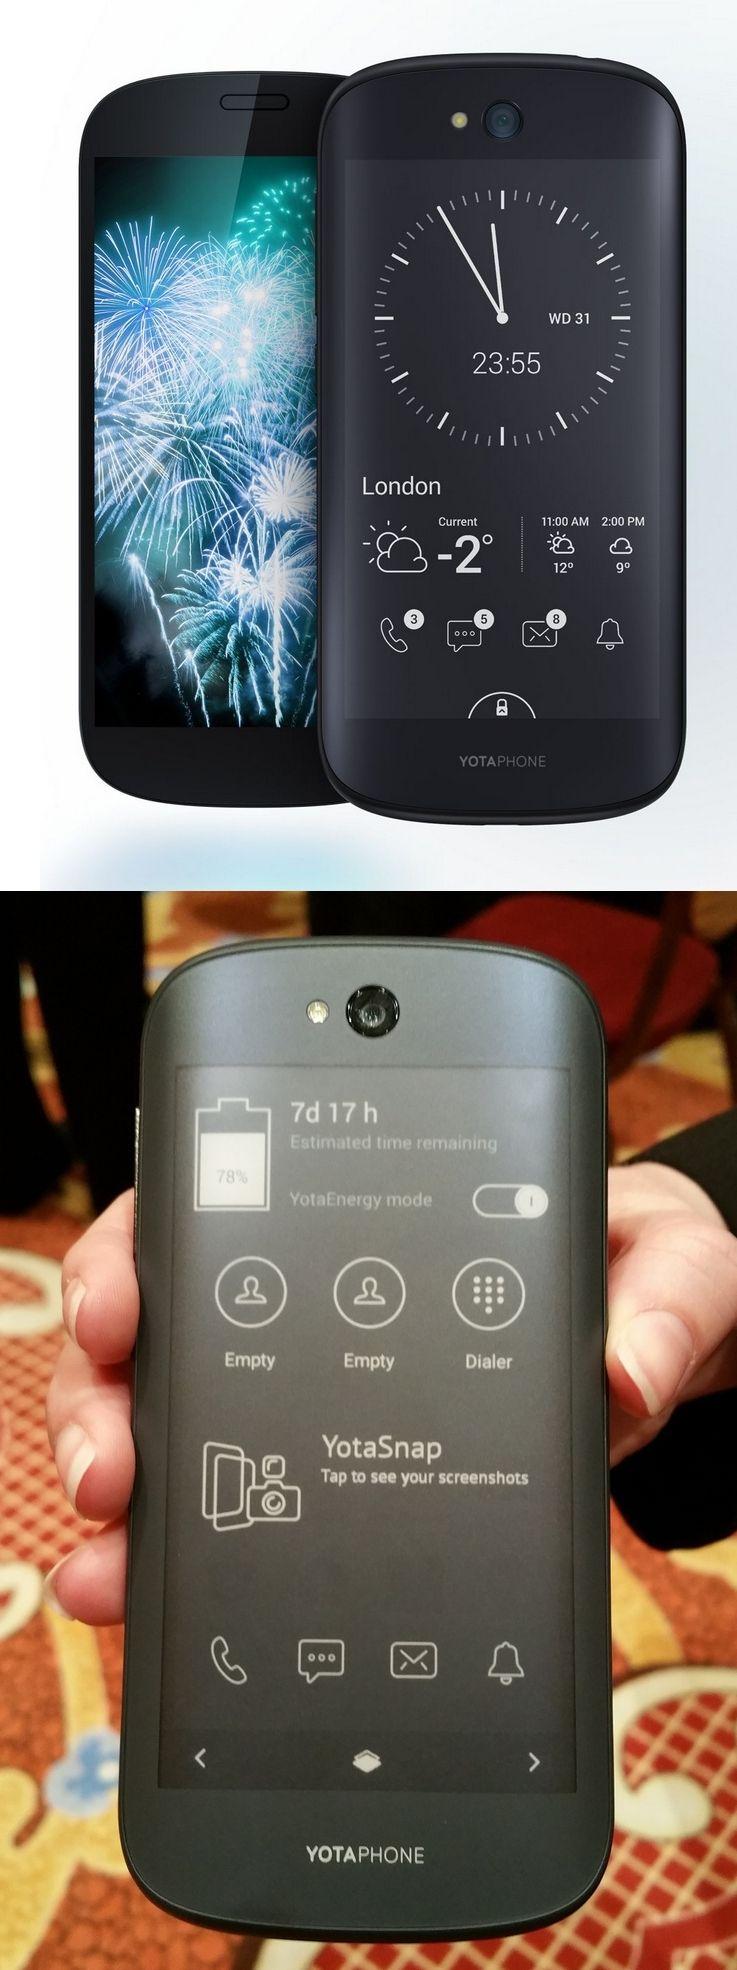 휴대폰의 앞면만 활용하는것이 아니라 뒷면도 화면으로 활용하여 더욱 실용적인것 같습니다.